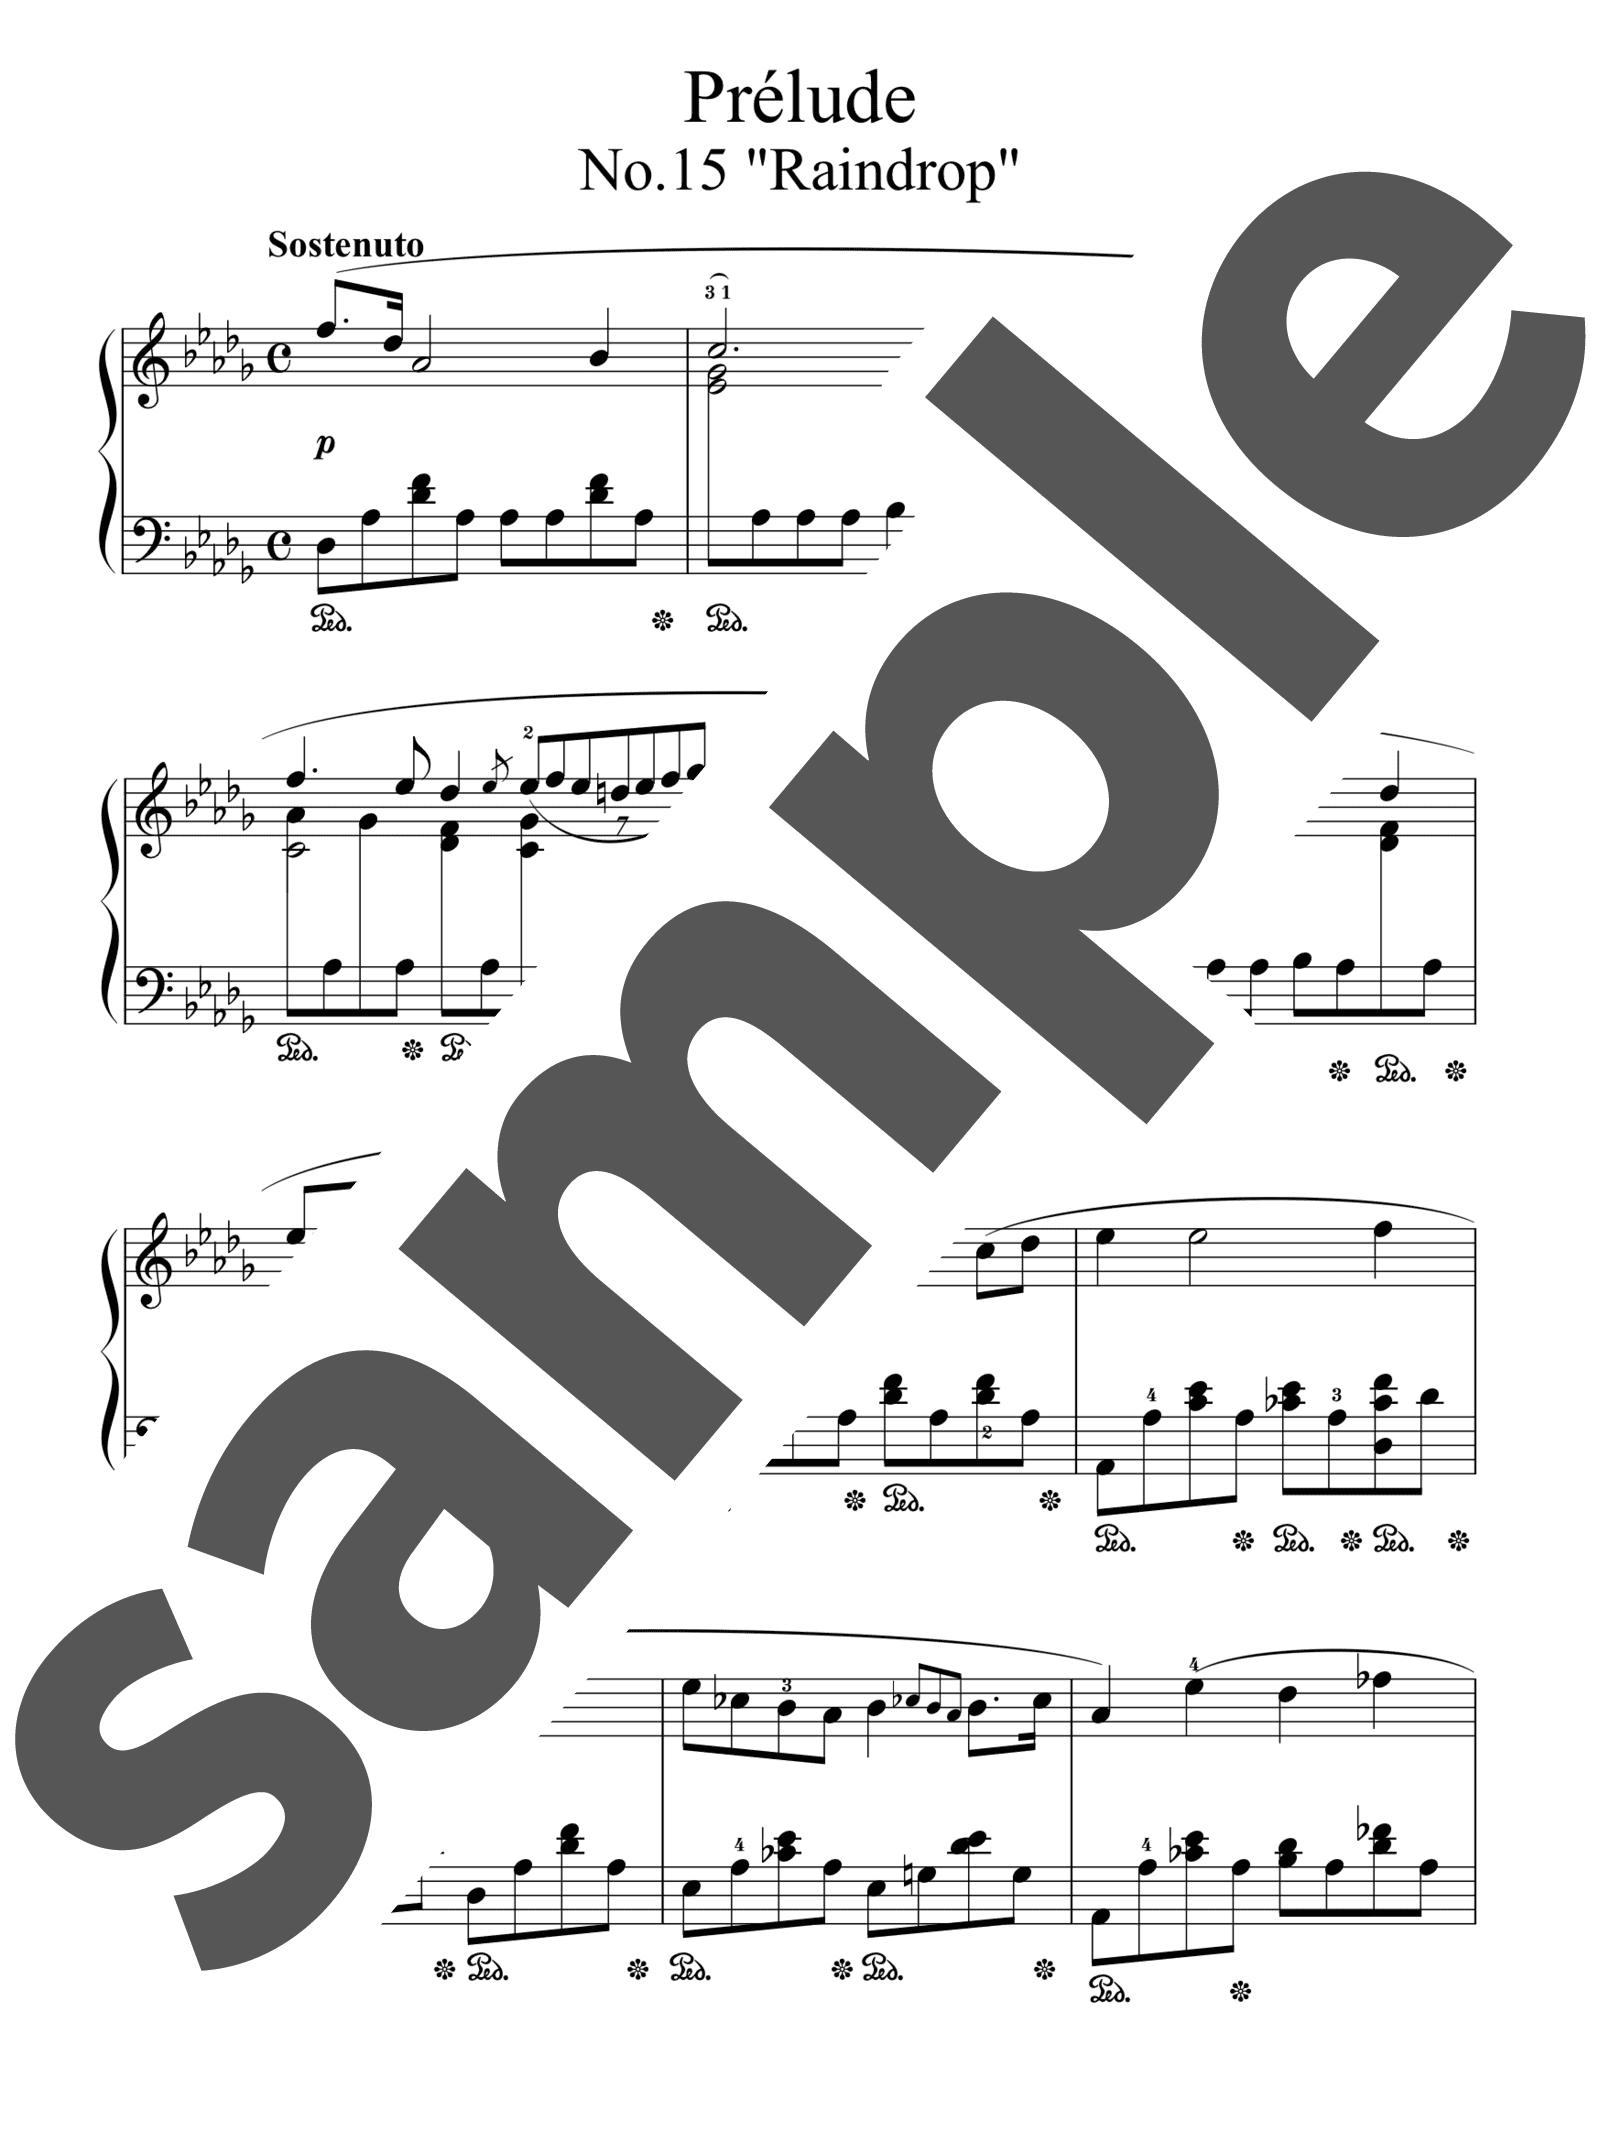 「24の前奏曲 第15番「雨だれ」」のサンプル楽譜